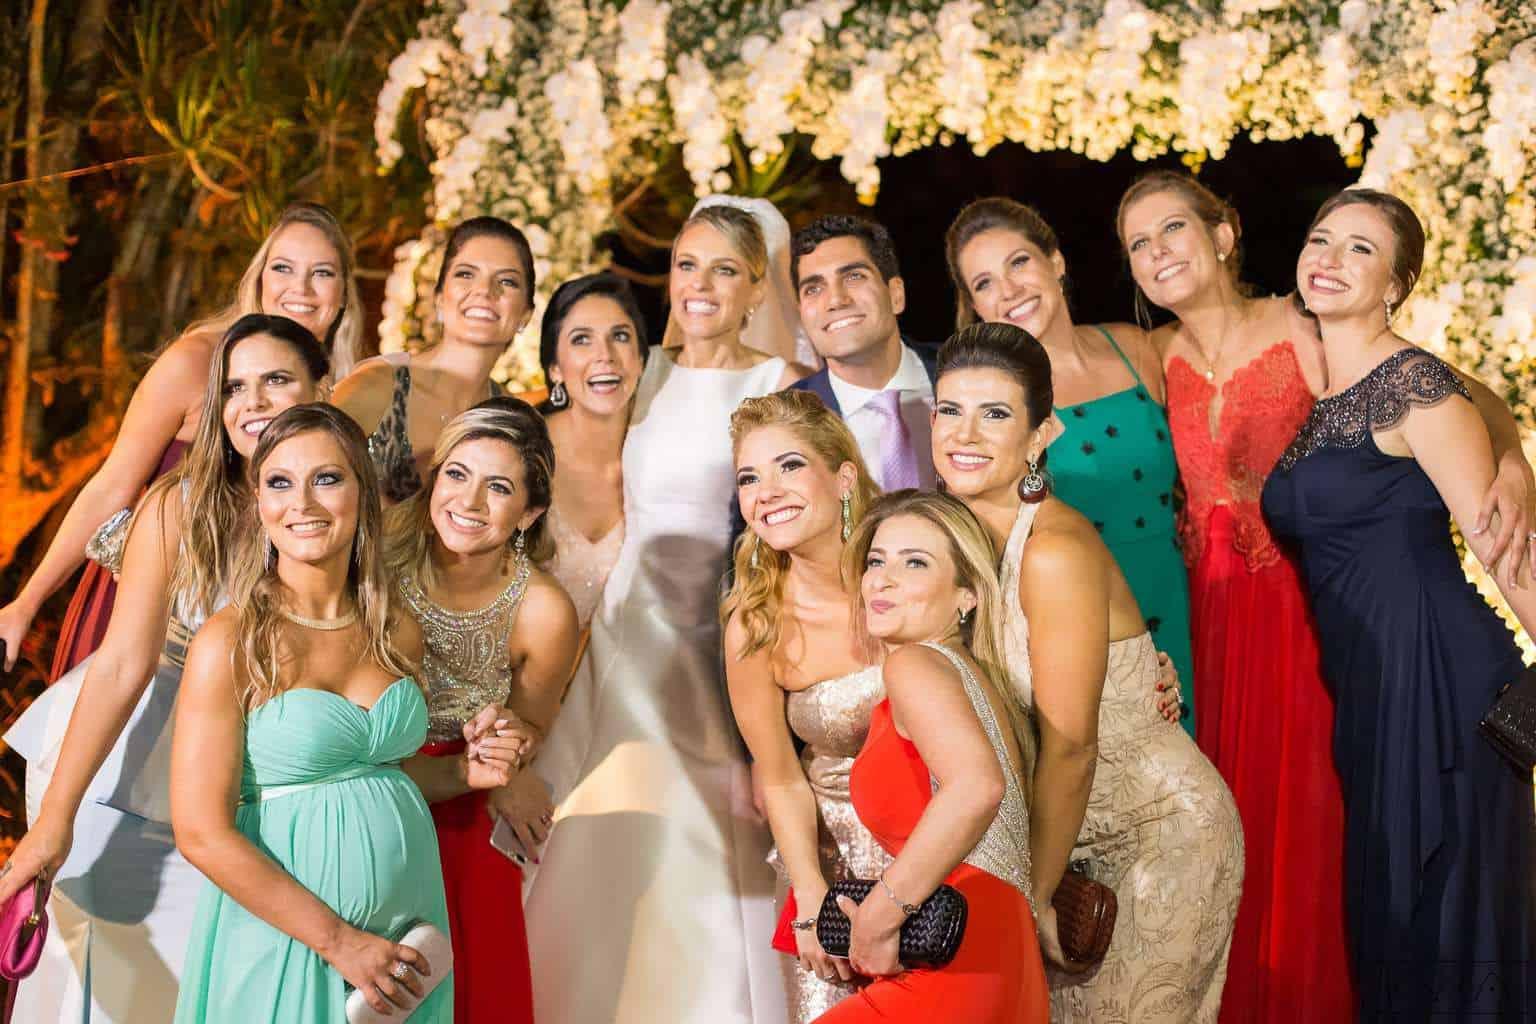 ana-carolina-e-bernardo-Anna-Carolina-Werneck-beleza-da-noiva-casamento-tradicional-Gavea-Golf-Club-Kyra-Mirsky-madrinhas-making-of-mini-wedding-padrinhos-verde-e-rosa-casamento-73